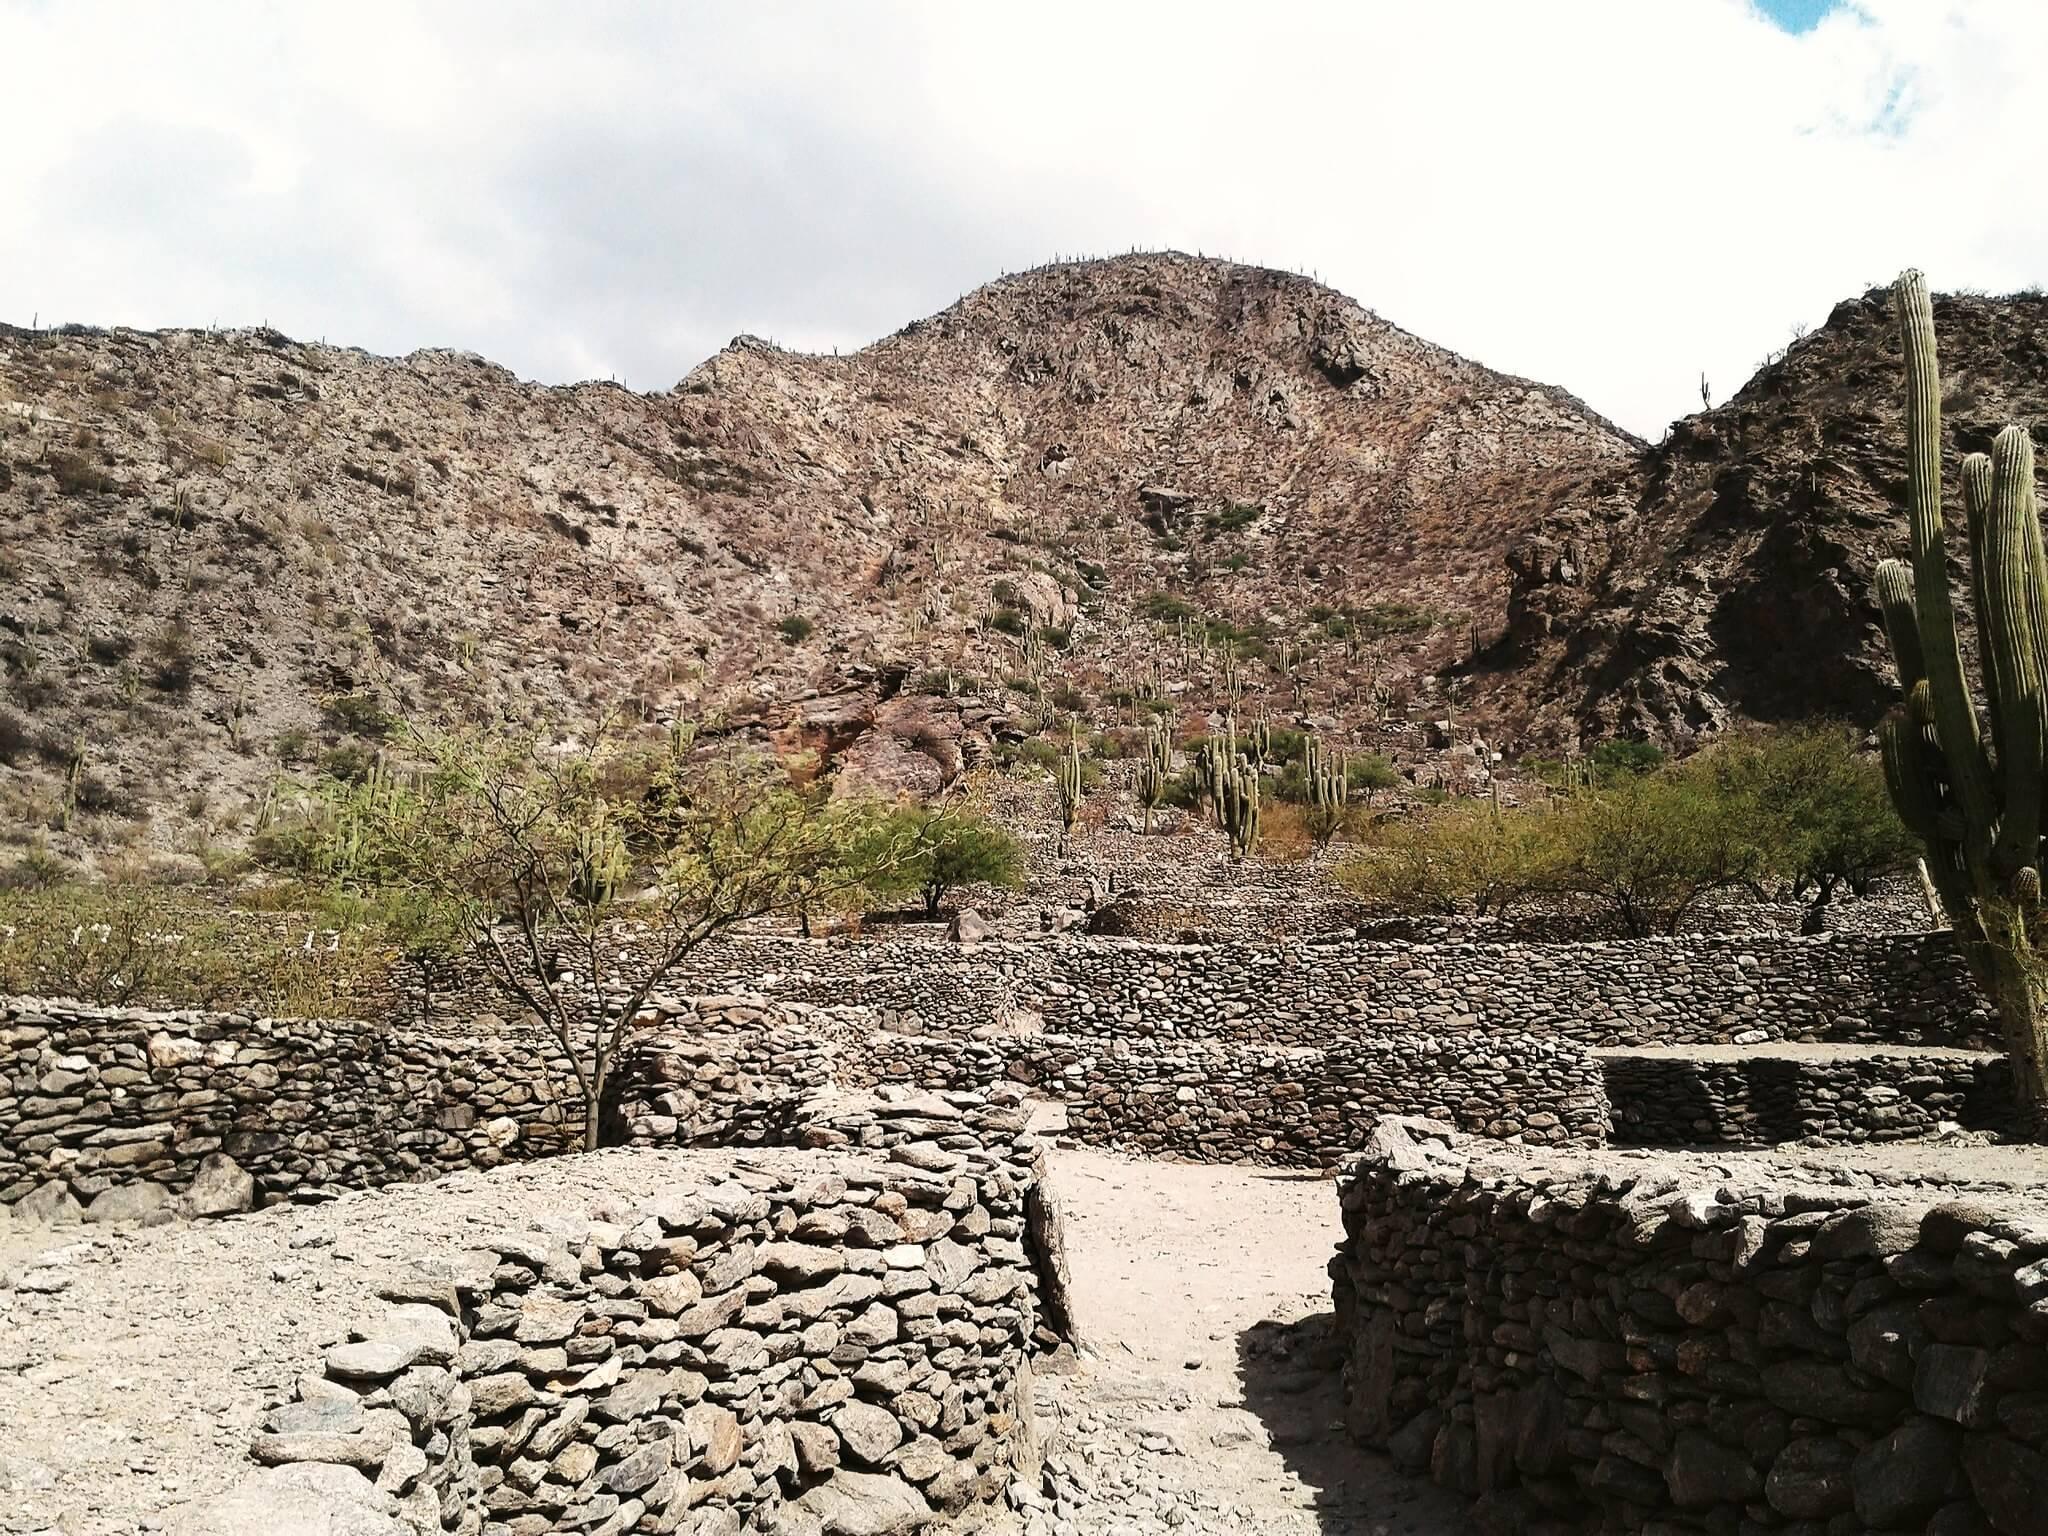 Ruinas de Quilmes. Fuente: K.B.L. Luccia, Flickr.